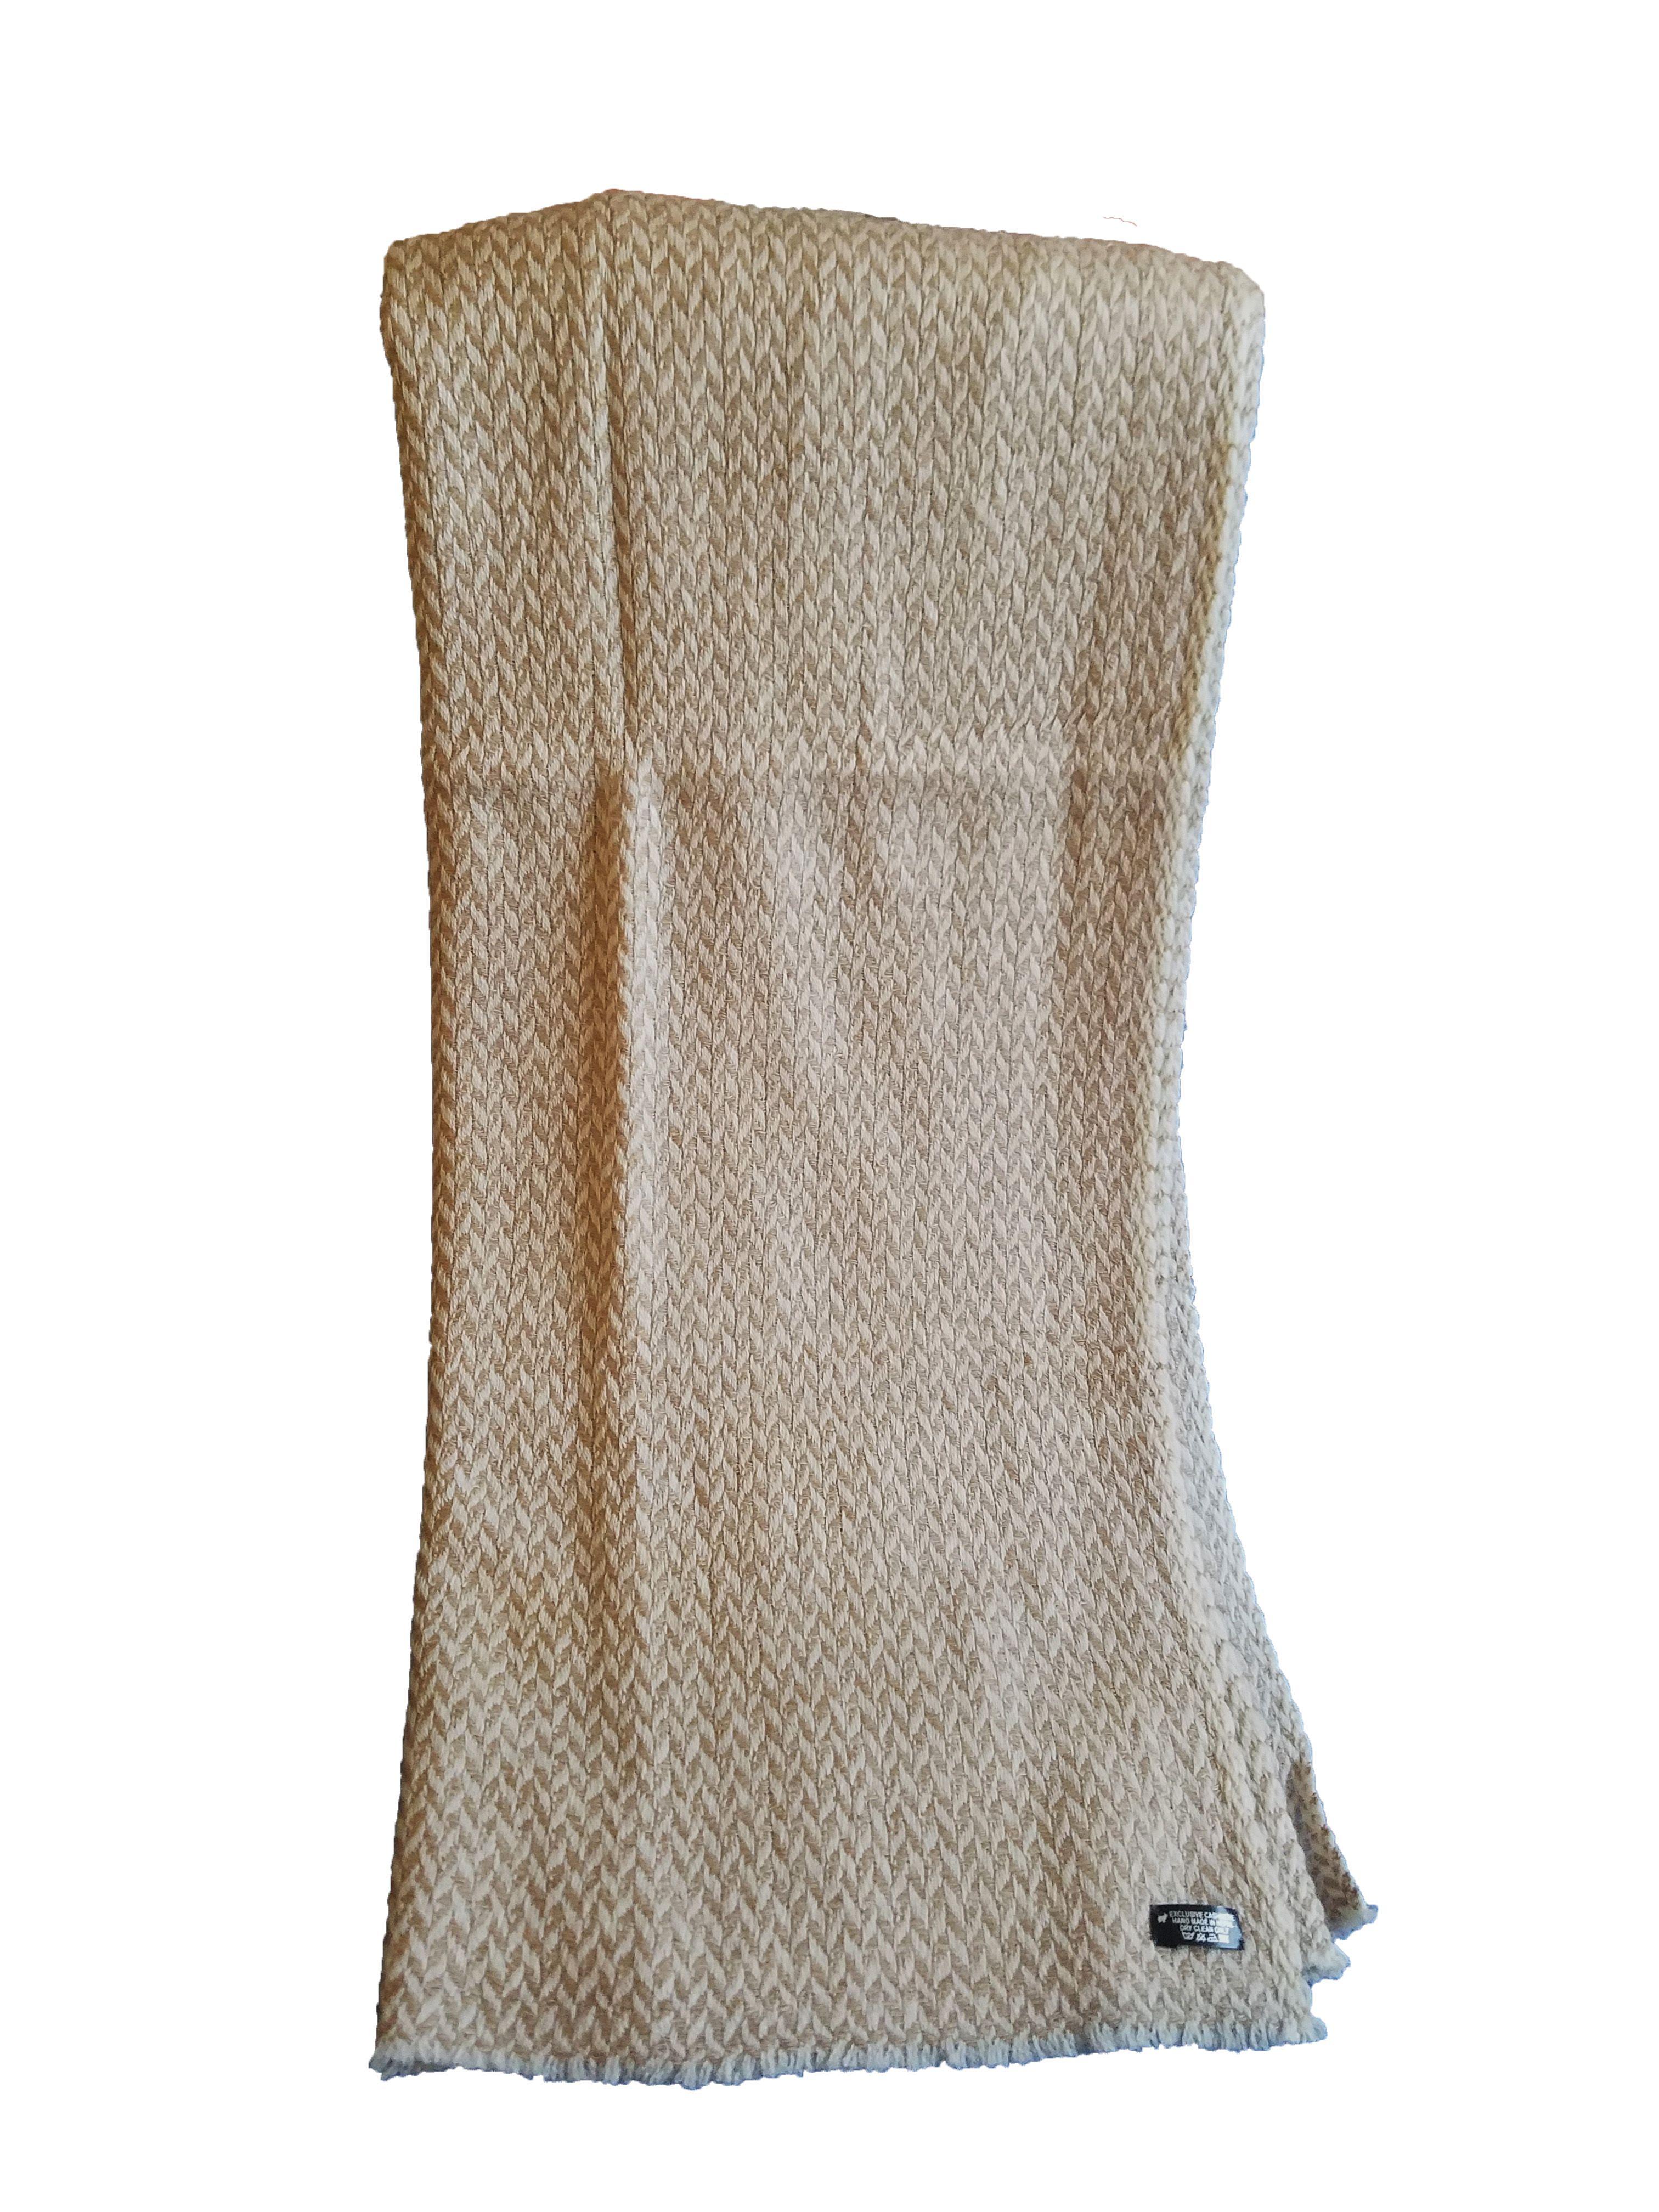 Pure Handmade Pashmina Cashmere Thick Blanket 28 X 82 Herringbone